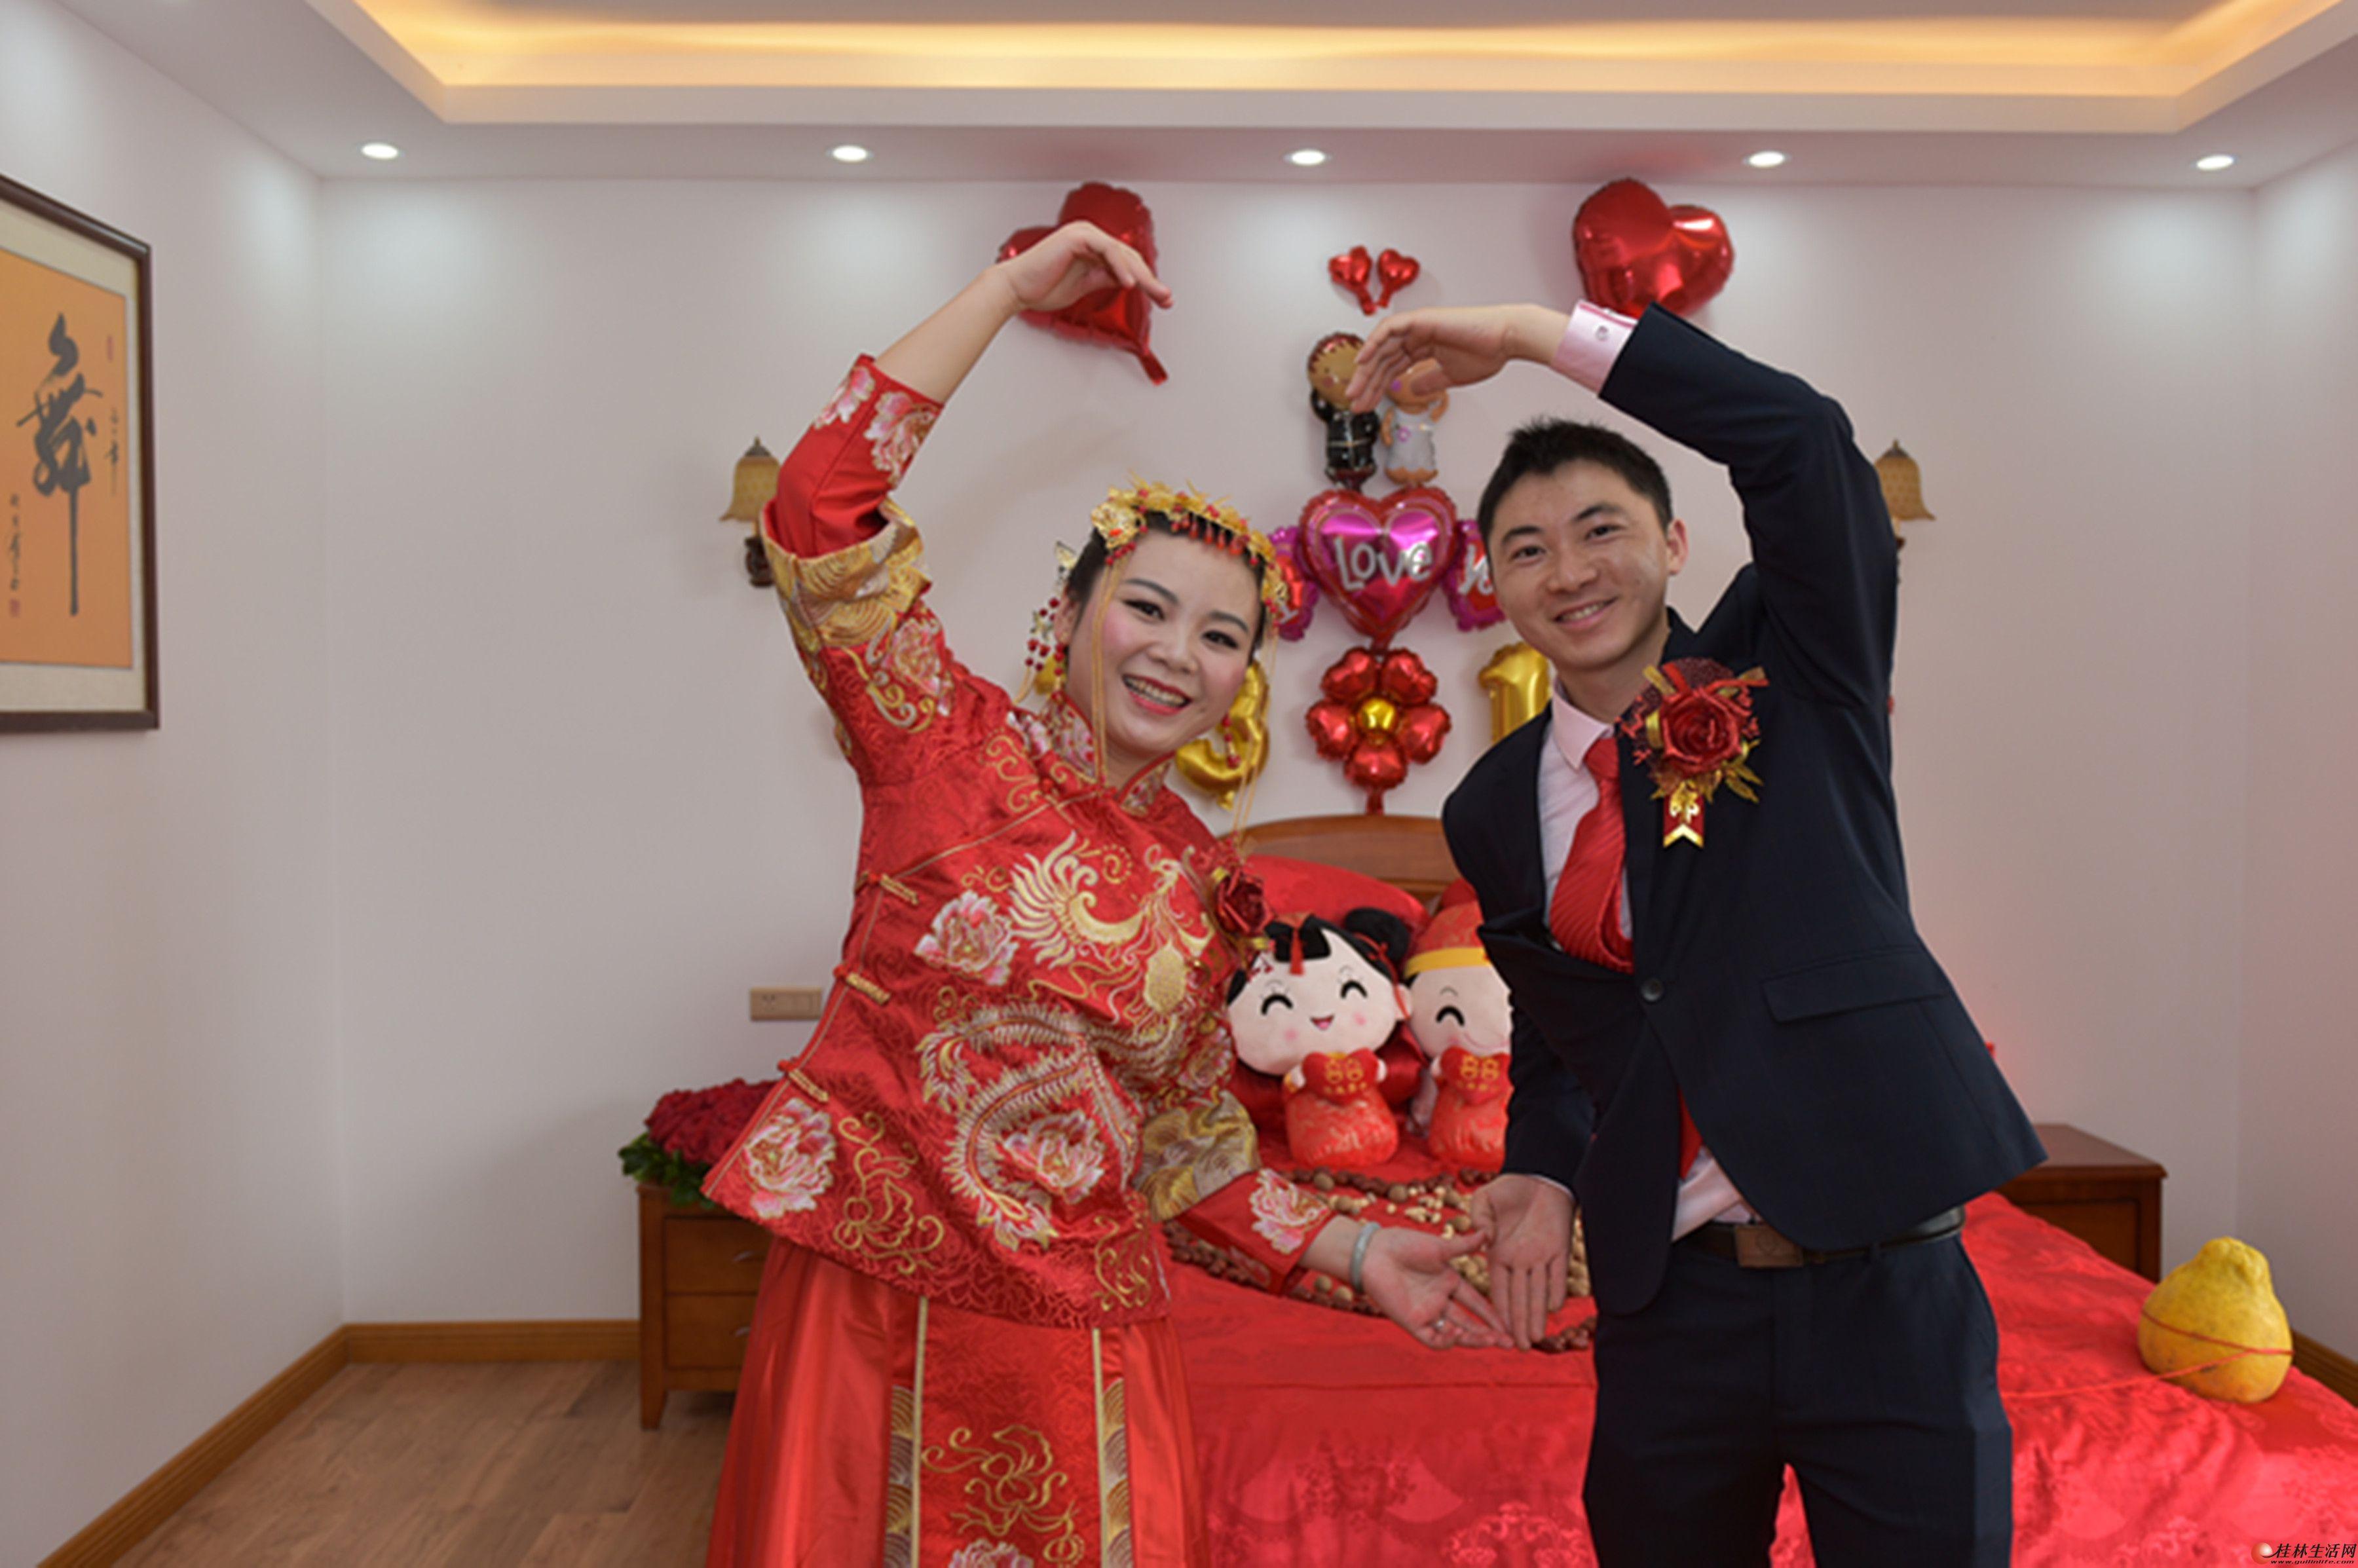 桂林婚礼摄影、摄像为新婚的你服务!